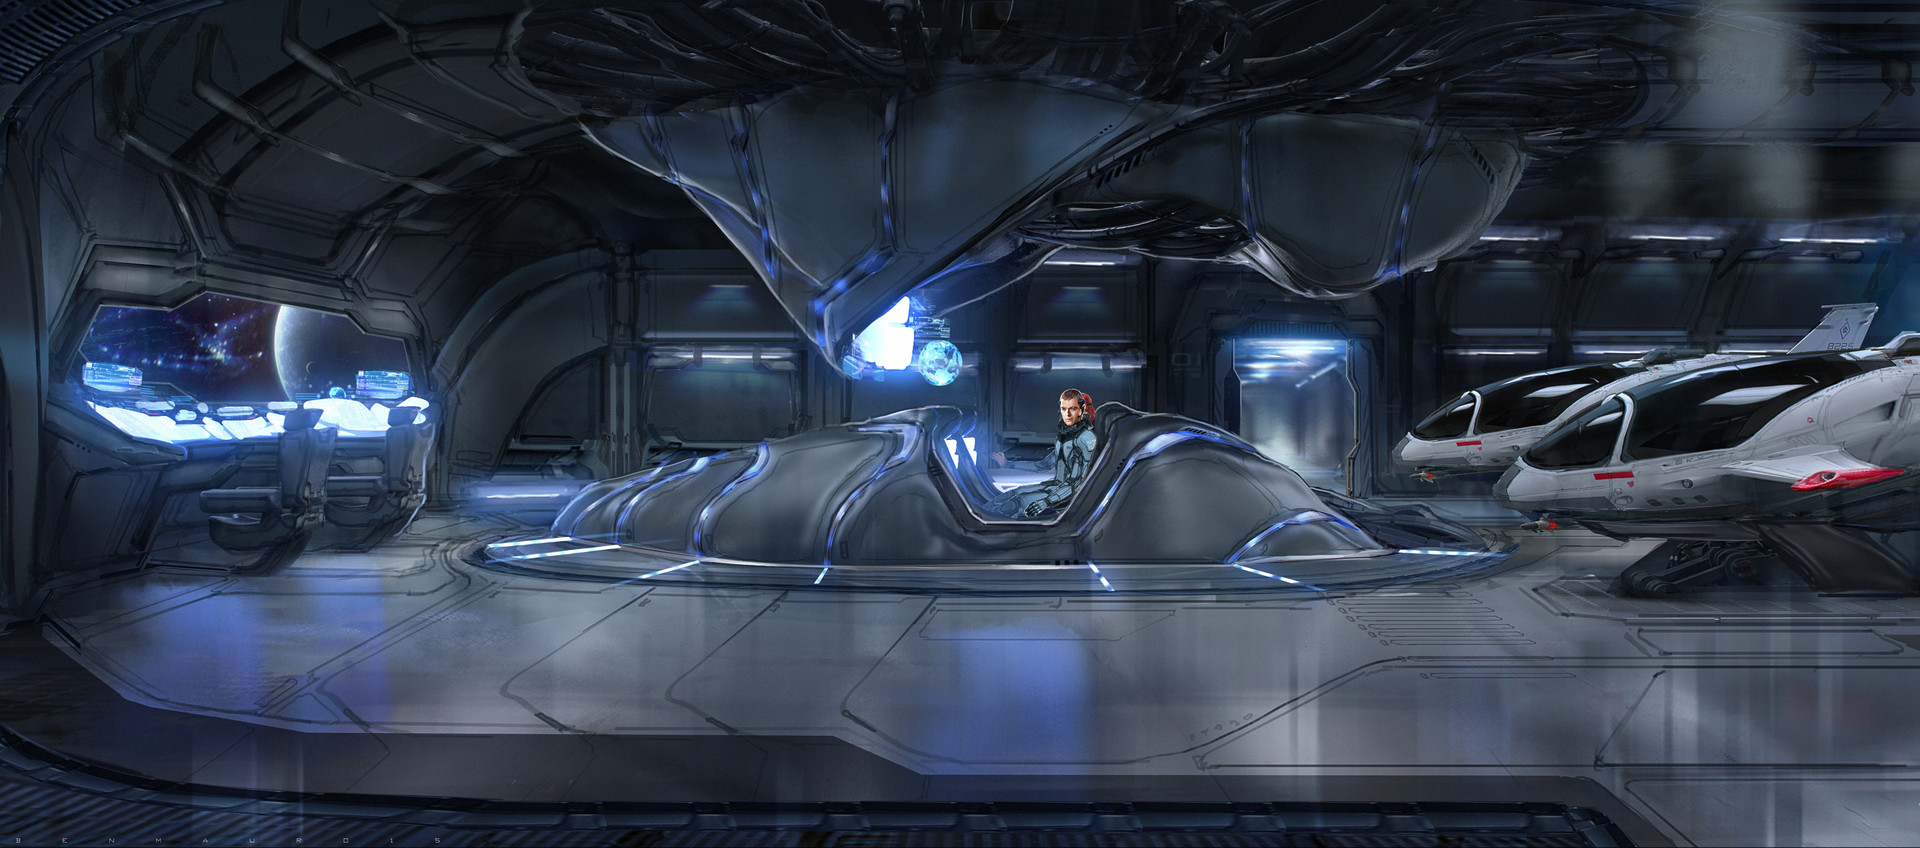 Ben mauro intruder interior 01 bm